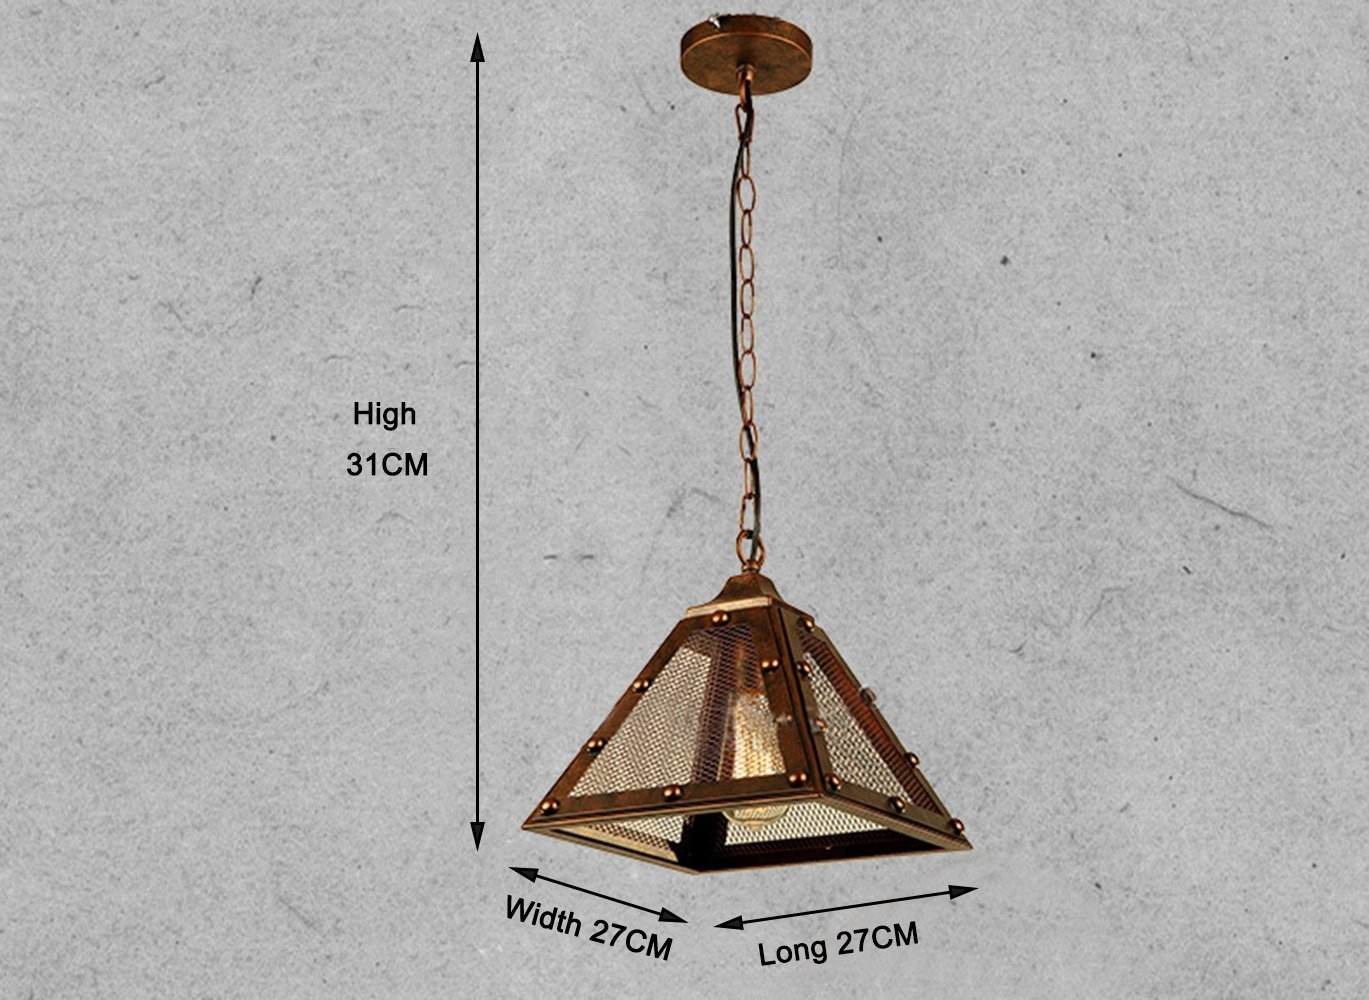 Plafoniere Industriali Vintage : Glighone lampadario vintage per soffitto lampada a sospensione retro